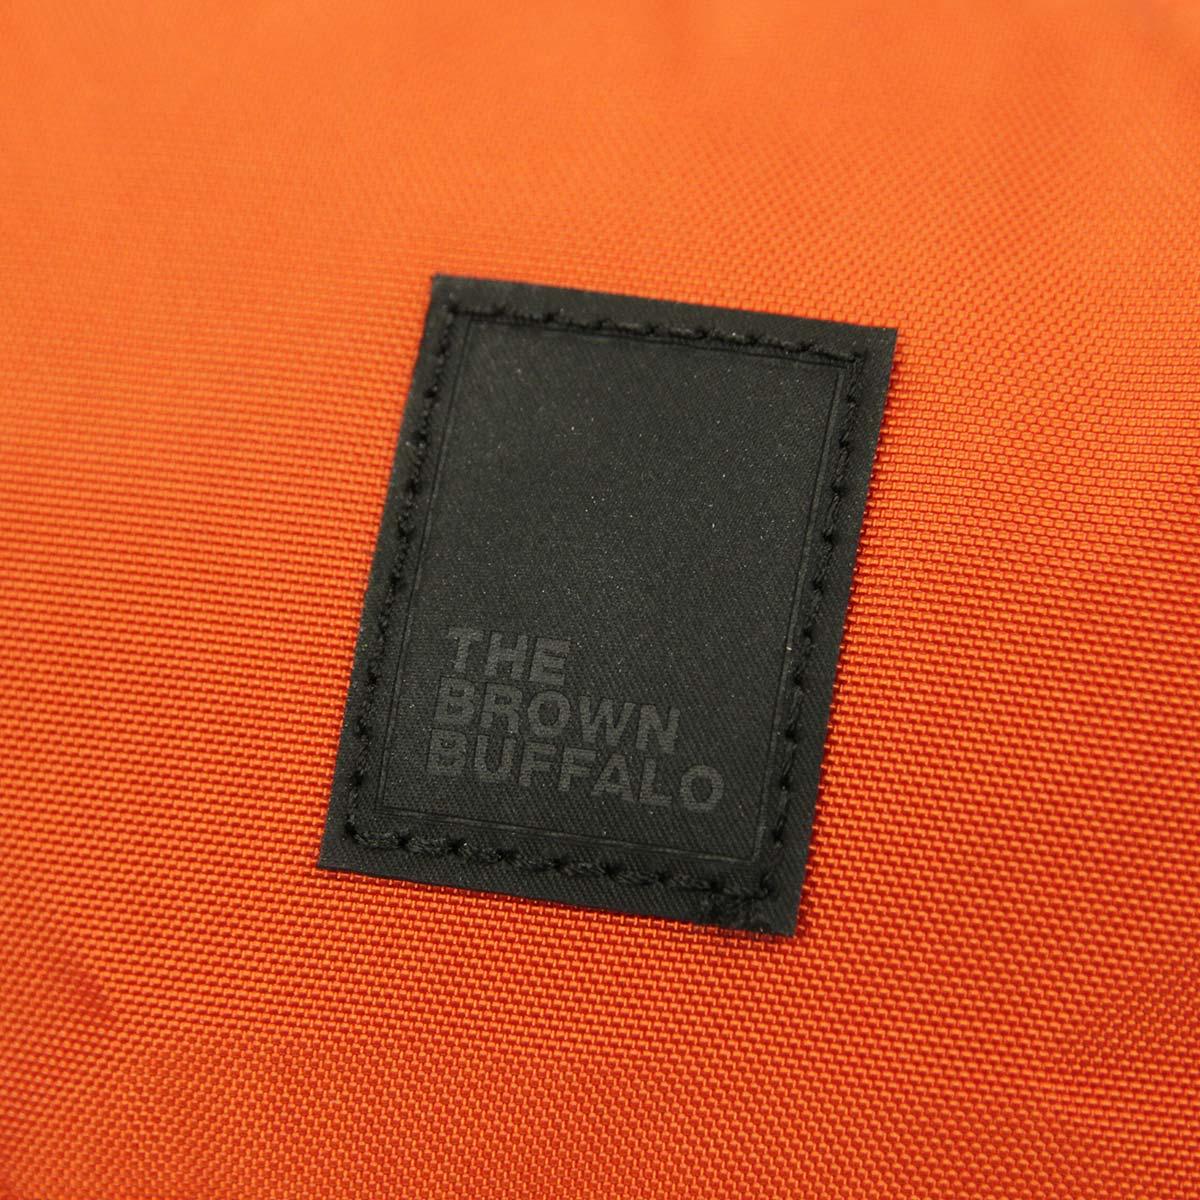 ザ ブラウン バッファロー バッグ メンズ レディース 正規販売店 THE BROWN BUFFALO ショルダーバッグ ボディバッグ SUPPLYSLING ORANGE F18SS420DORA2 AA7B B3C C8D D4E E10F